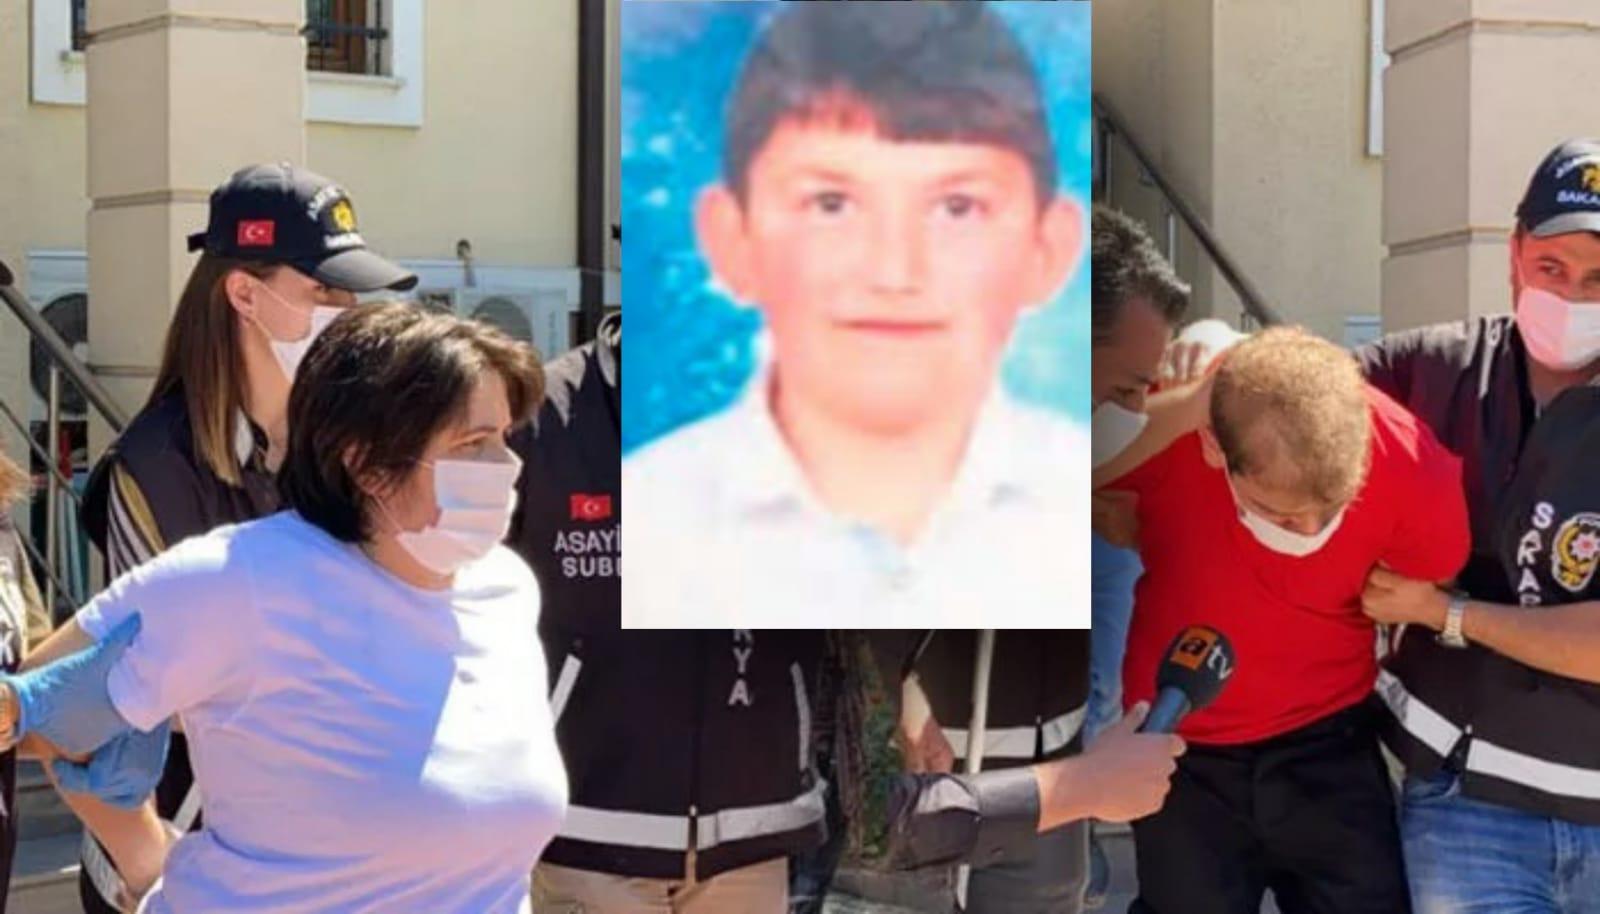 Benzersiz vahşet: 9 yaşındaki çocuk işkence edilerek katledildi